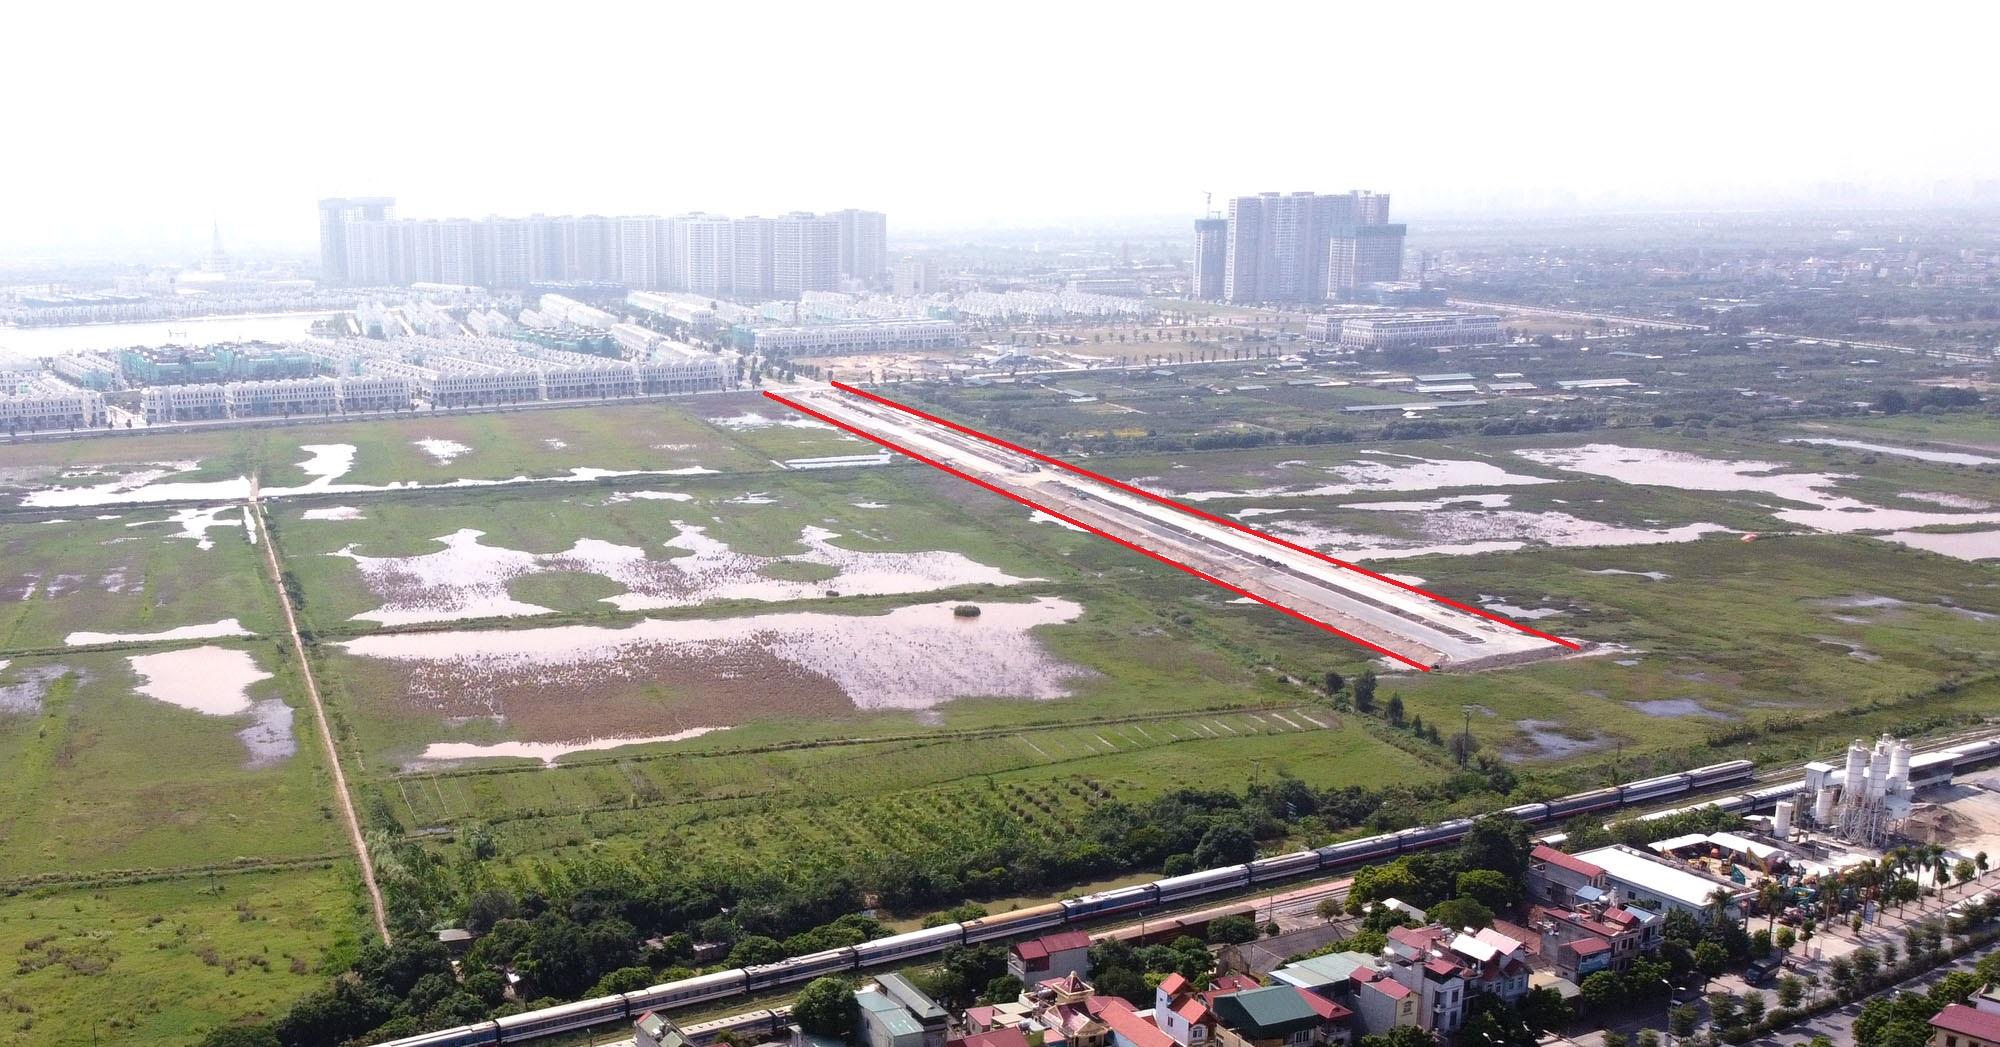 4 đường sẽ mở theo qui hoạch ở xã Dương Xá, Gia Lâm, Hà Nội - Ảnh 7.